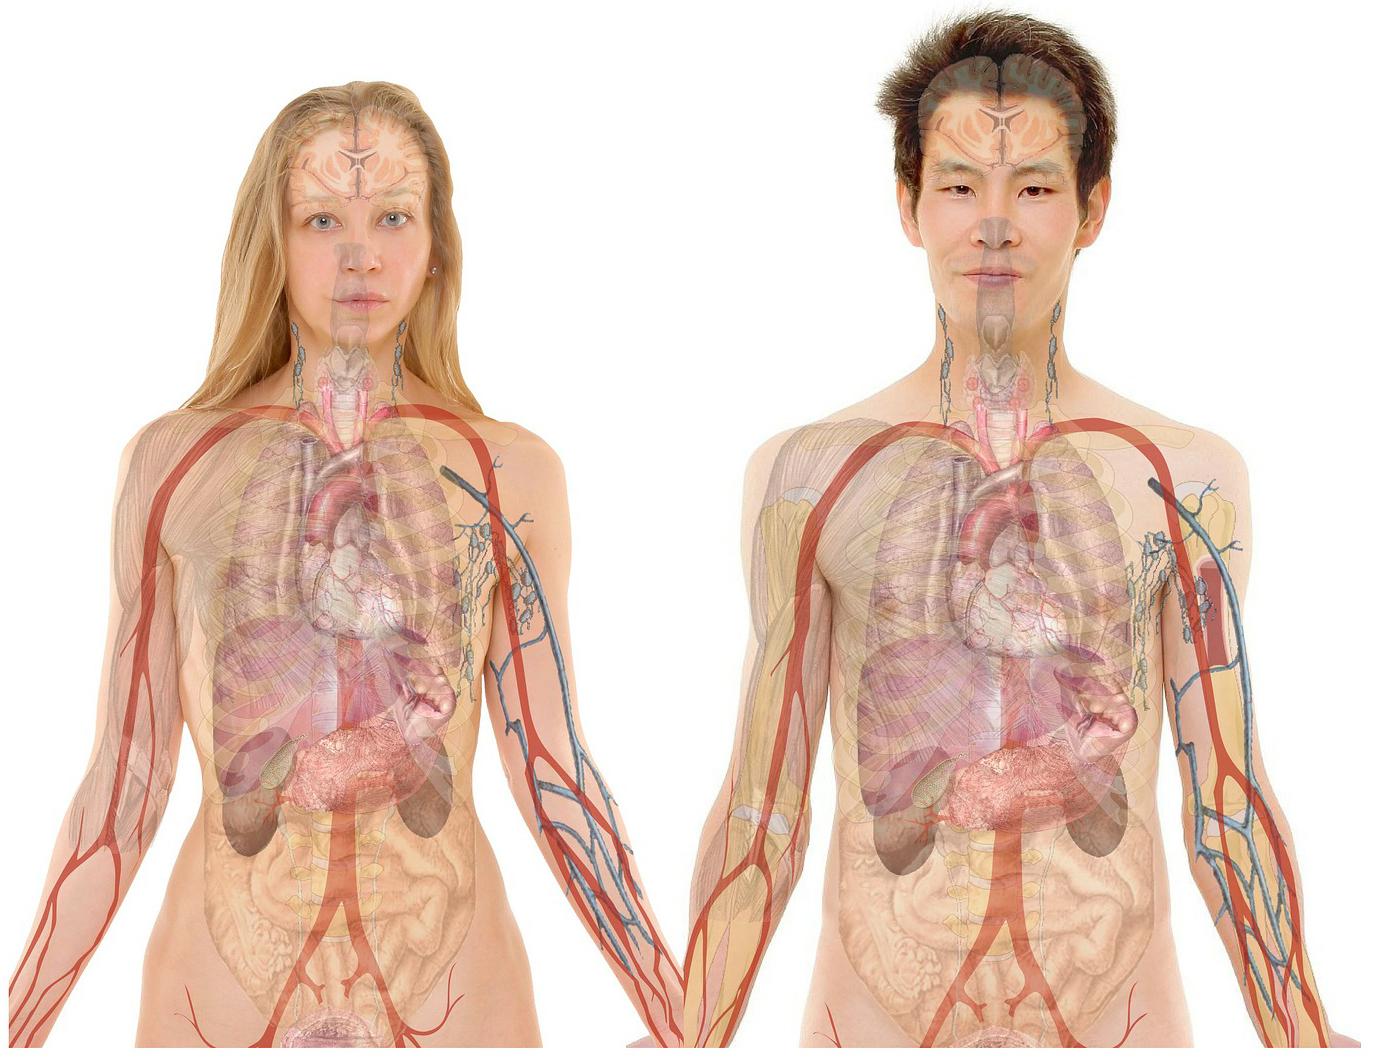 Santé physique - cliquer sur l'image